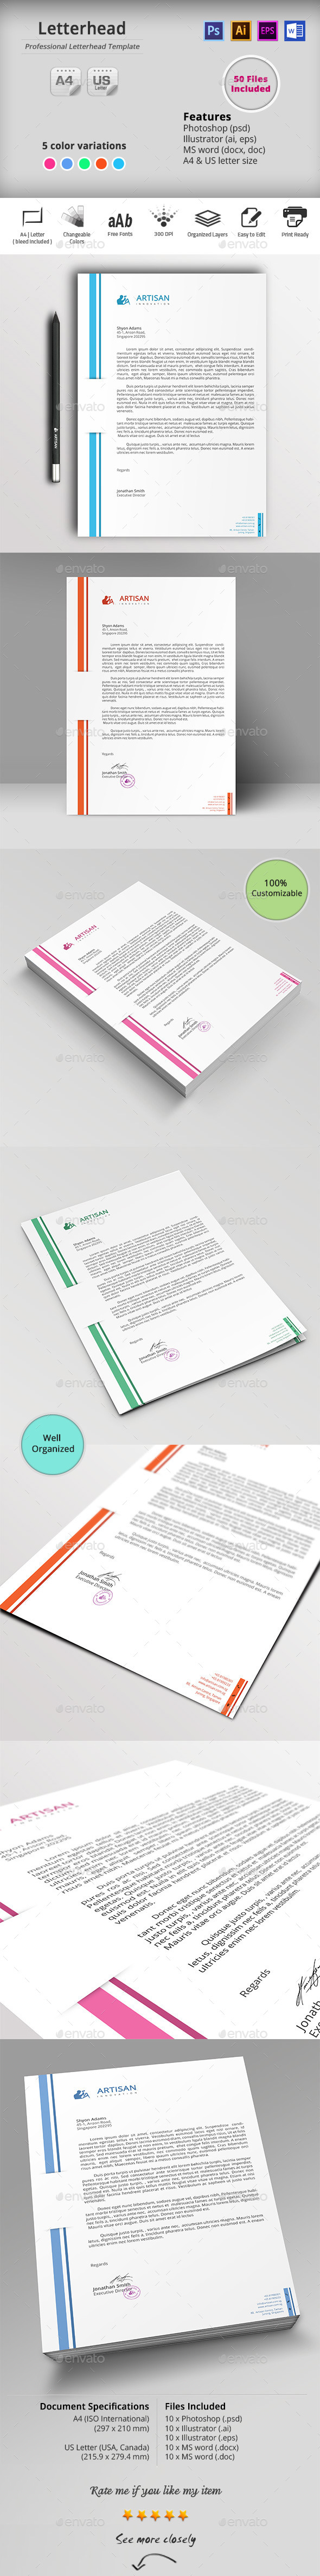 GraphicRiver Letterhead 10382548